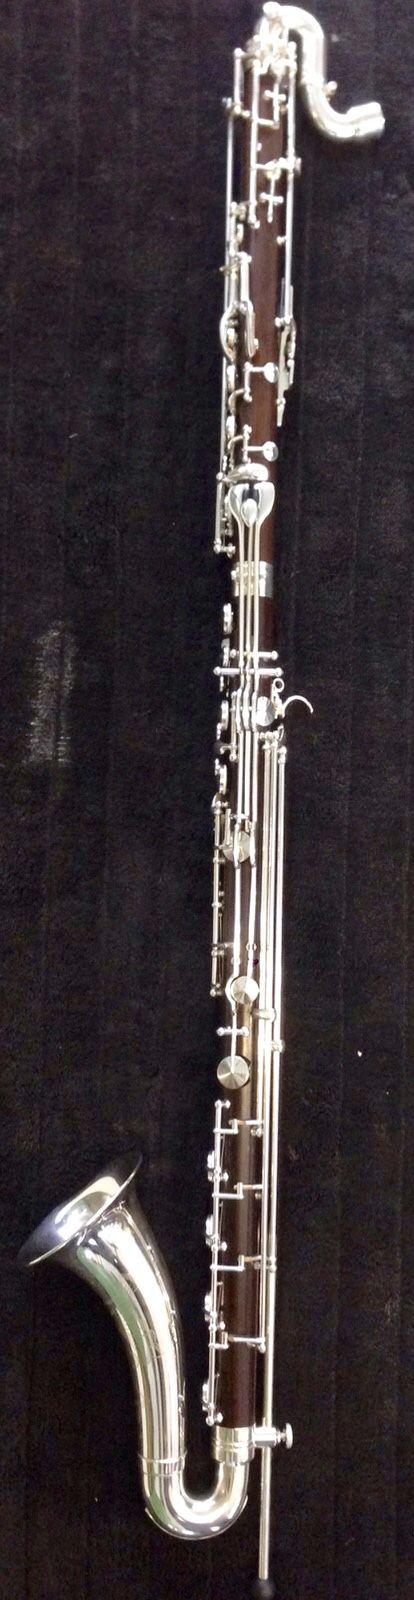 Fertig ist eine edle Bassklarinette mit einen Wunderschönen Klang.